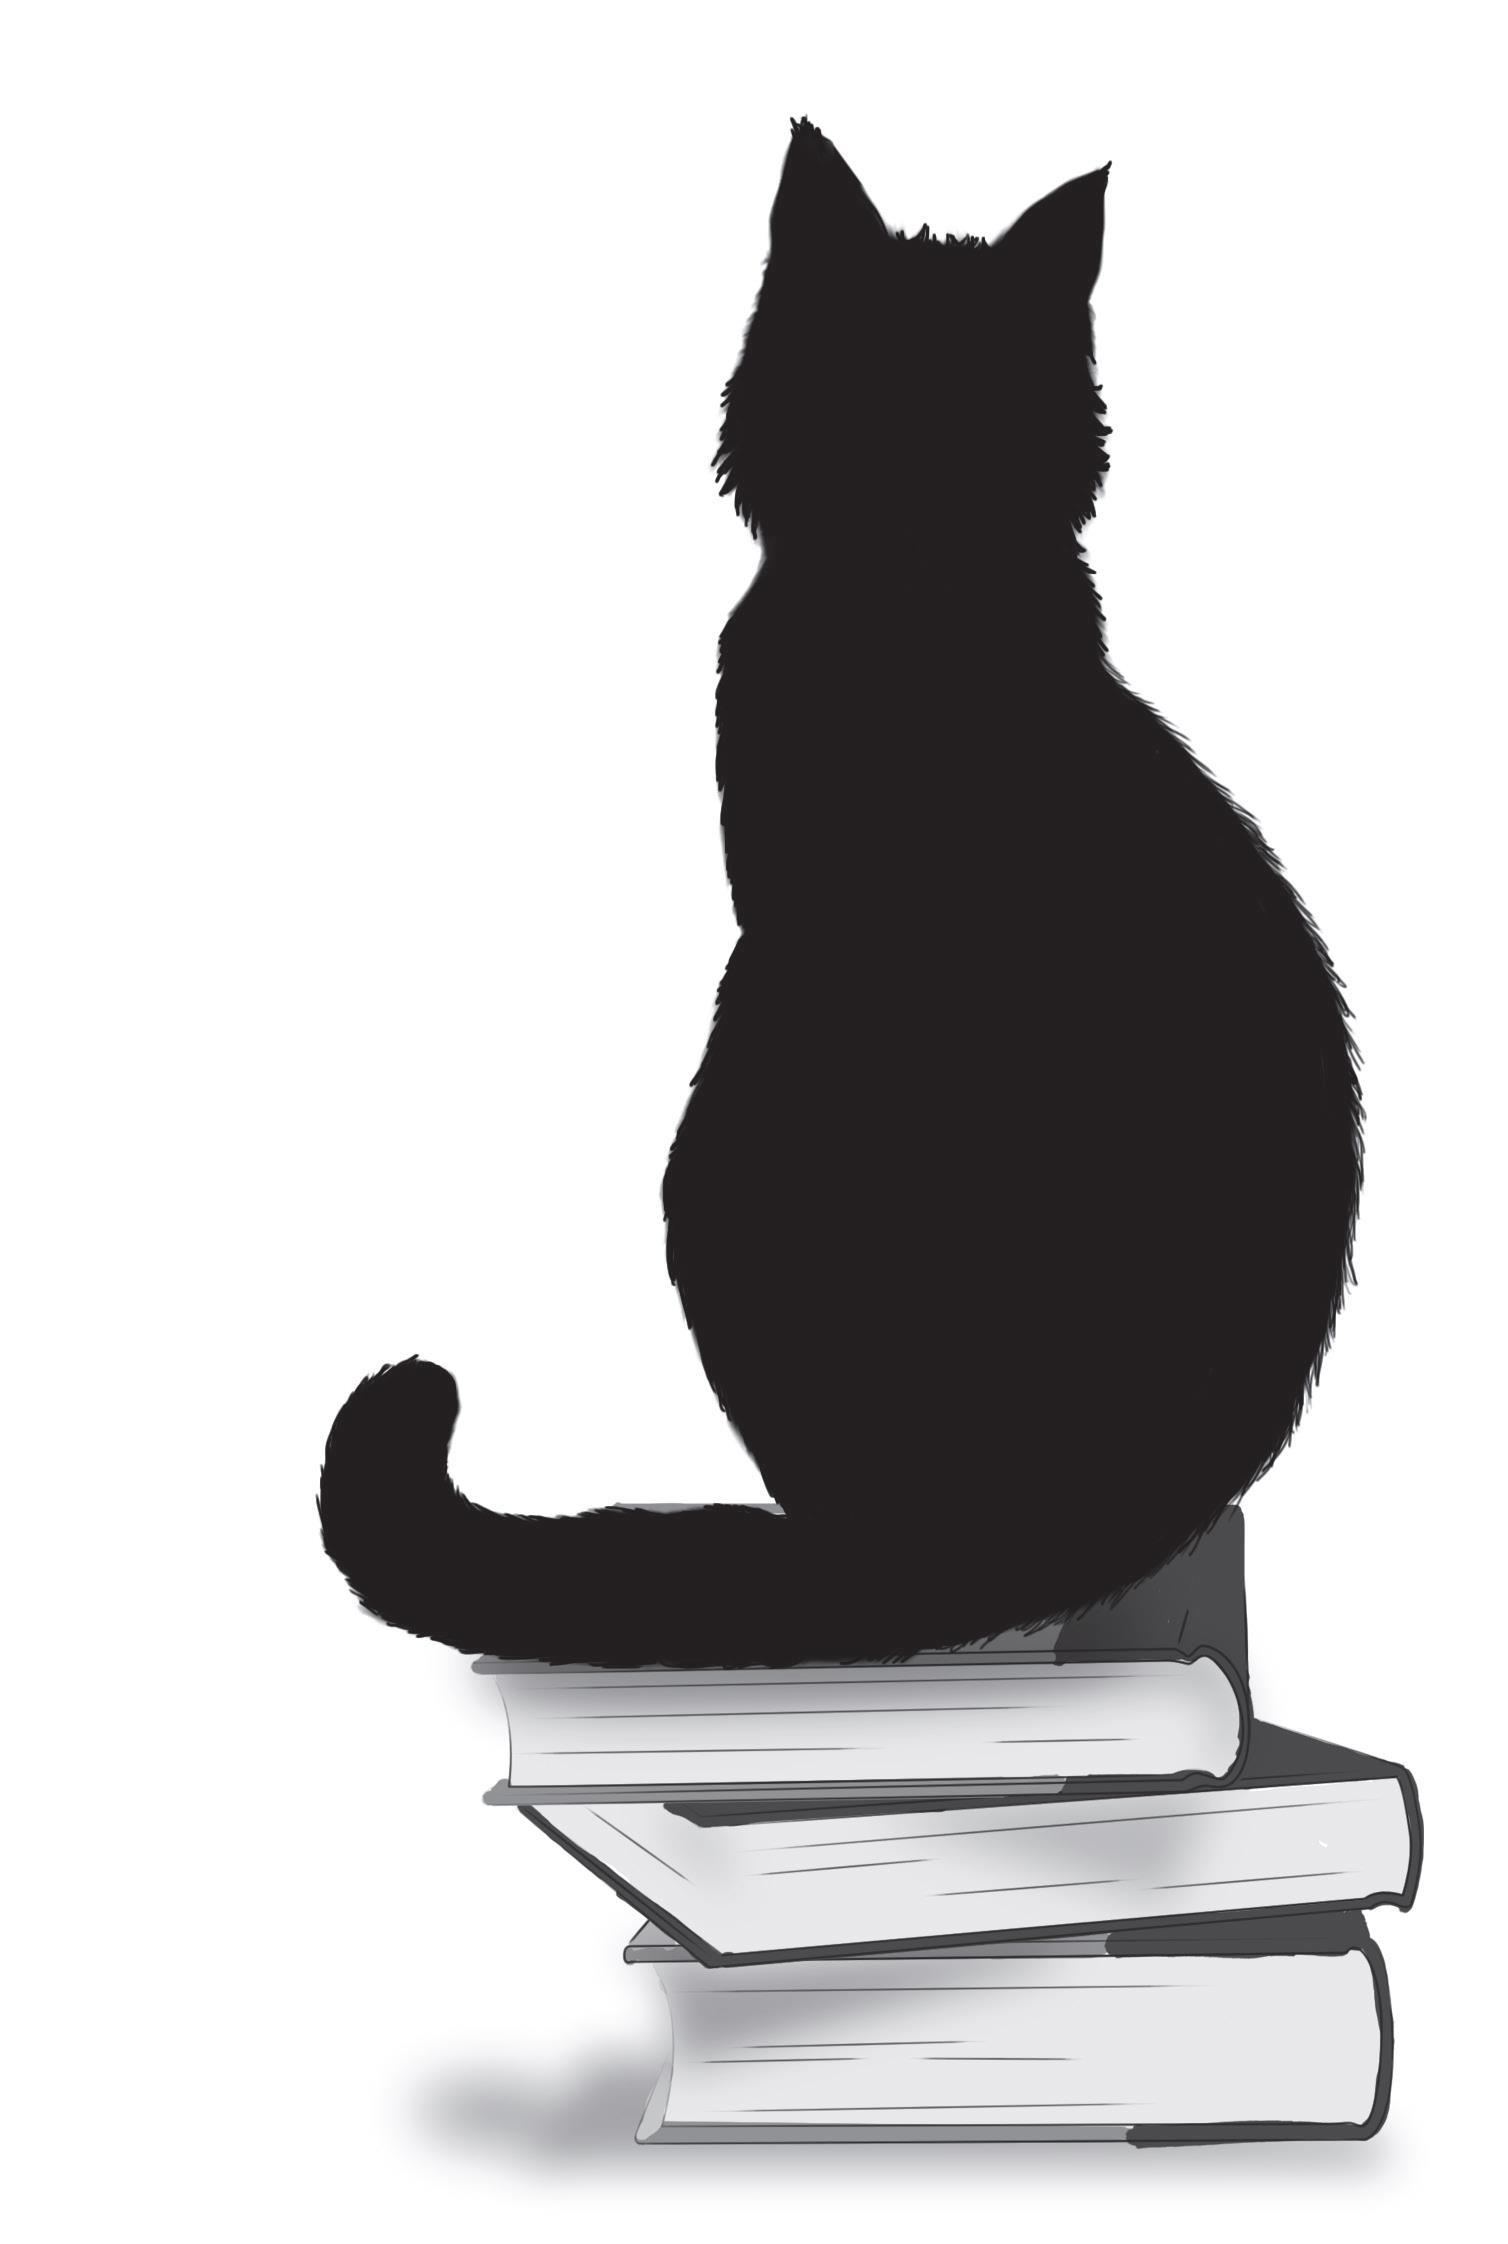 d42bed1b06266 La caricia del gato negro